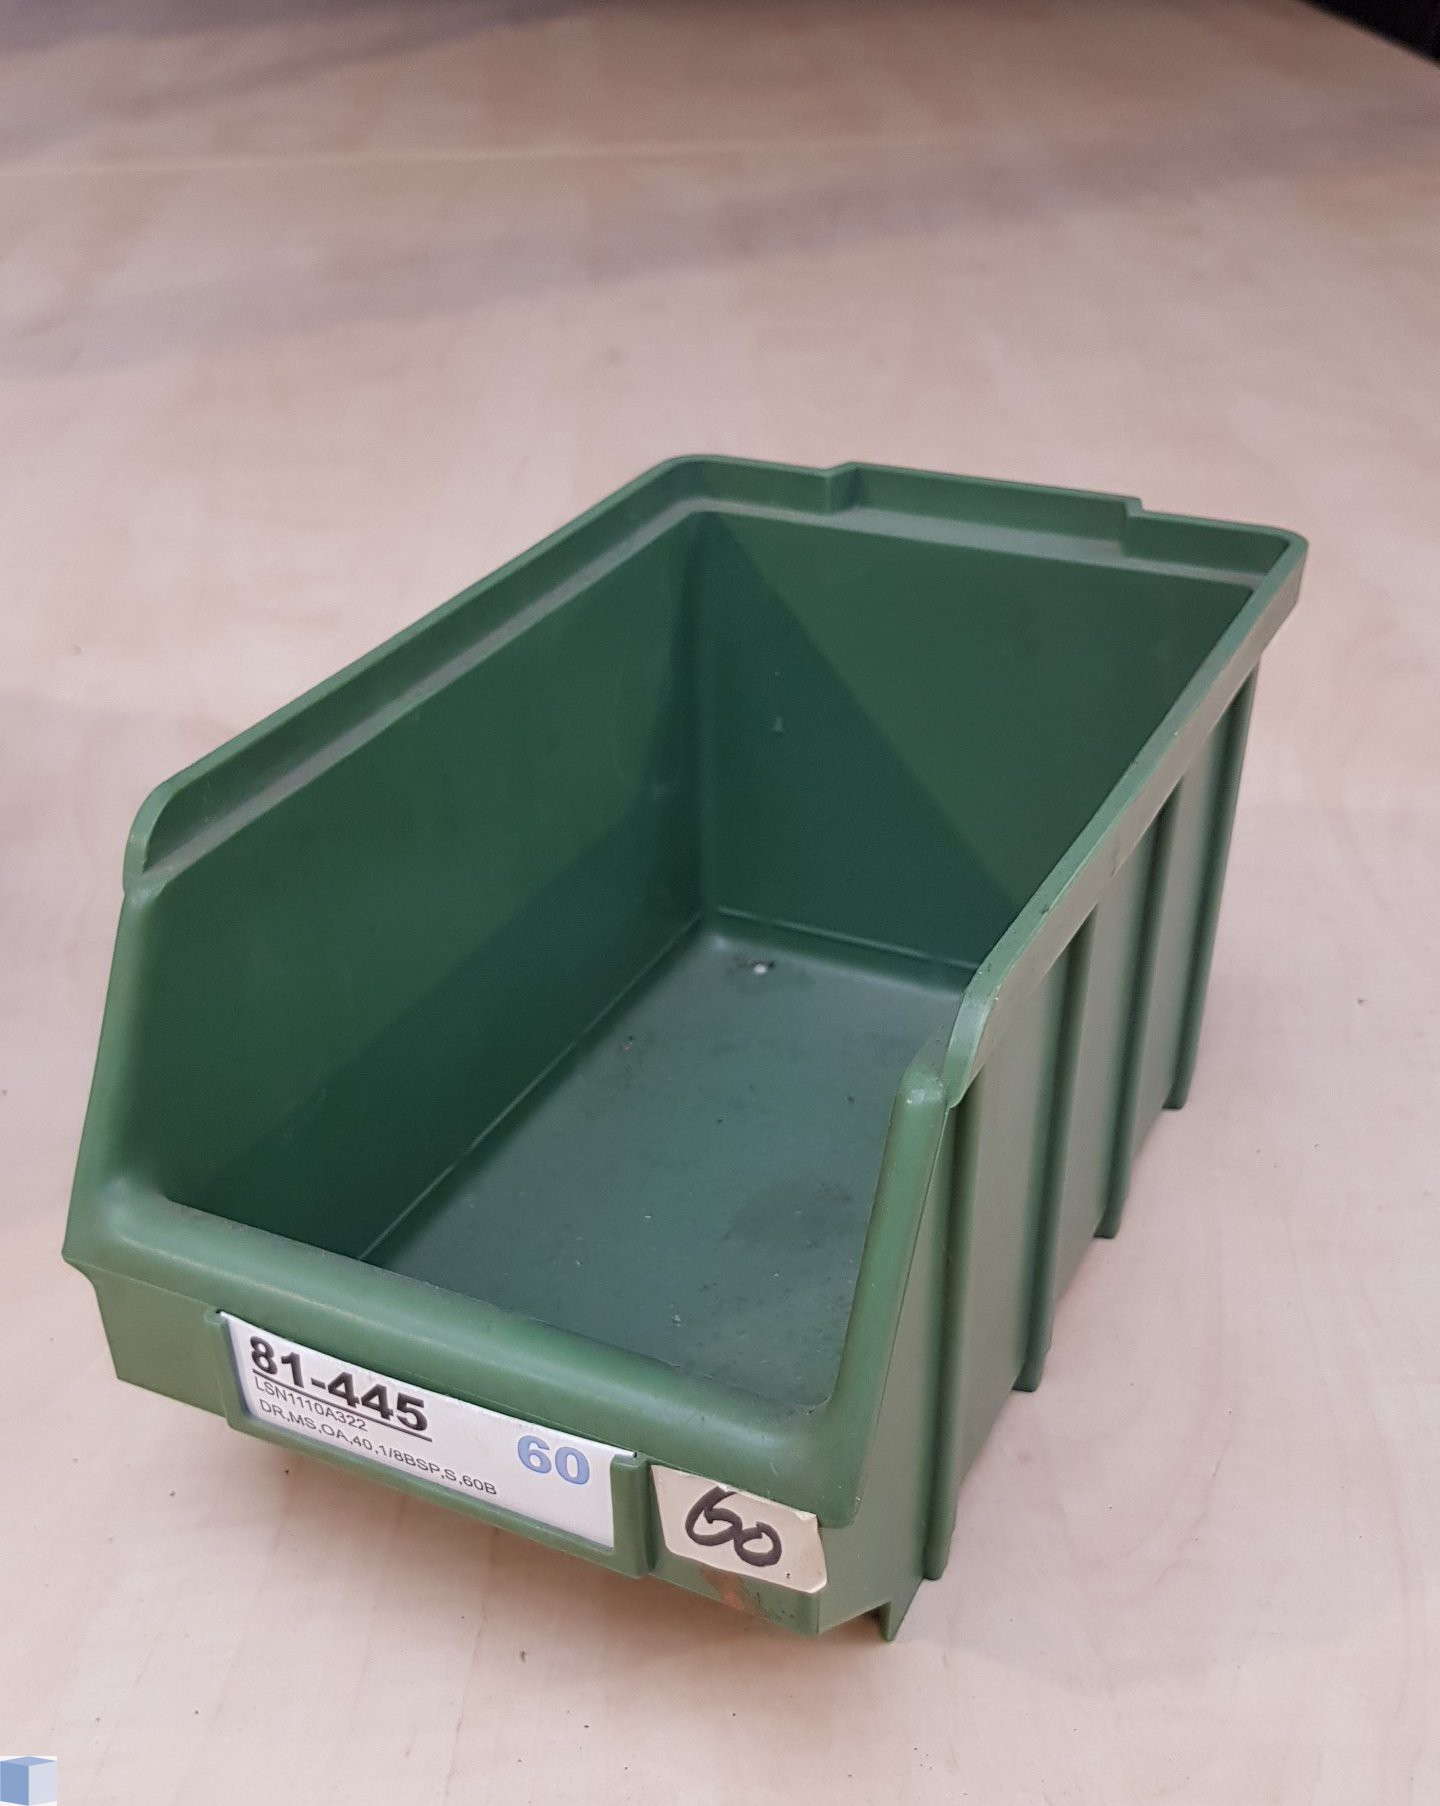 Kunststof stapelbak 230x145x130mm. groen, stapelbaar